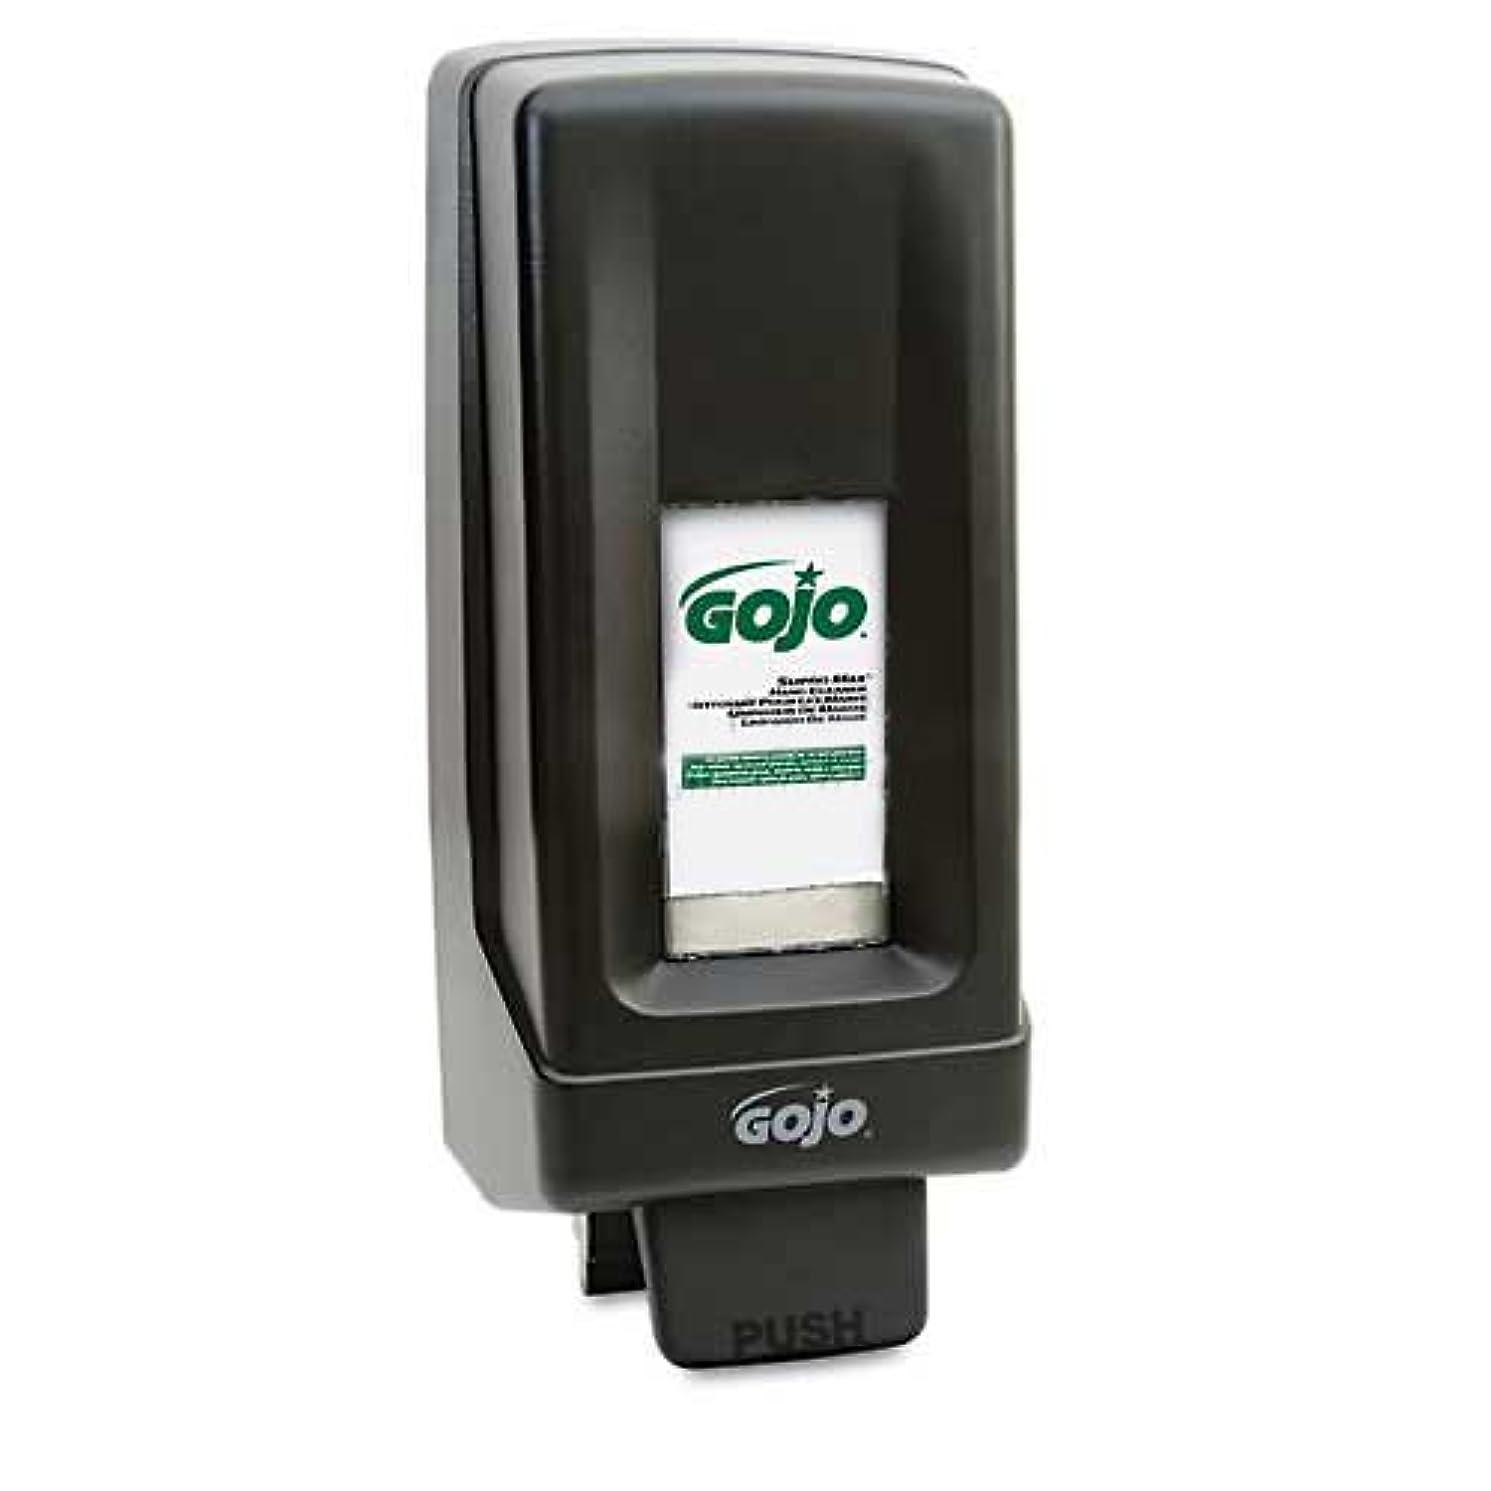 長老アッパー安いですGOJO PRO 5000ハンドソープディスペンサー、5000 ml、ブラック